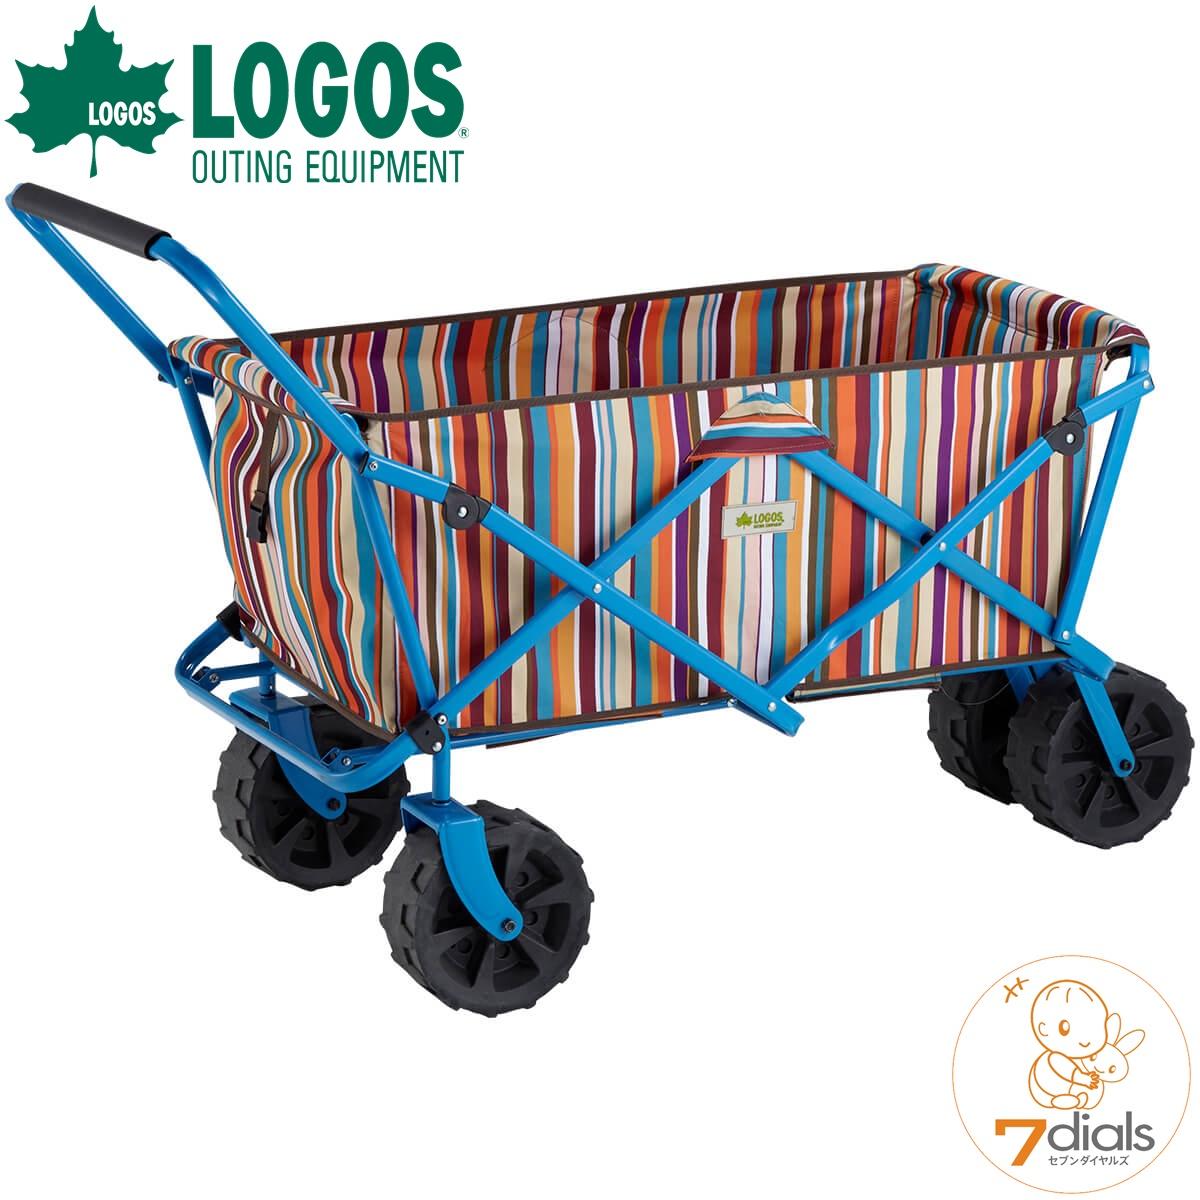 LOGOS/ロゴス (悪路OK)丸洗いストライプ キャリートラック(オレンジ)-AGキャリーカート アウトドア、キャンプ 運動会など荷物をまとめて移動するときに便利 キャリーカート おしゃれ【送料無料】